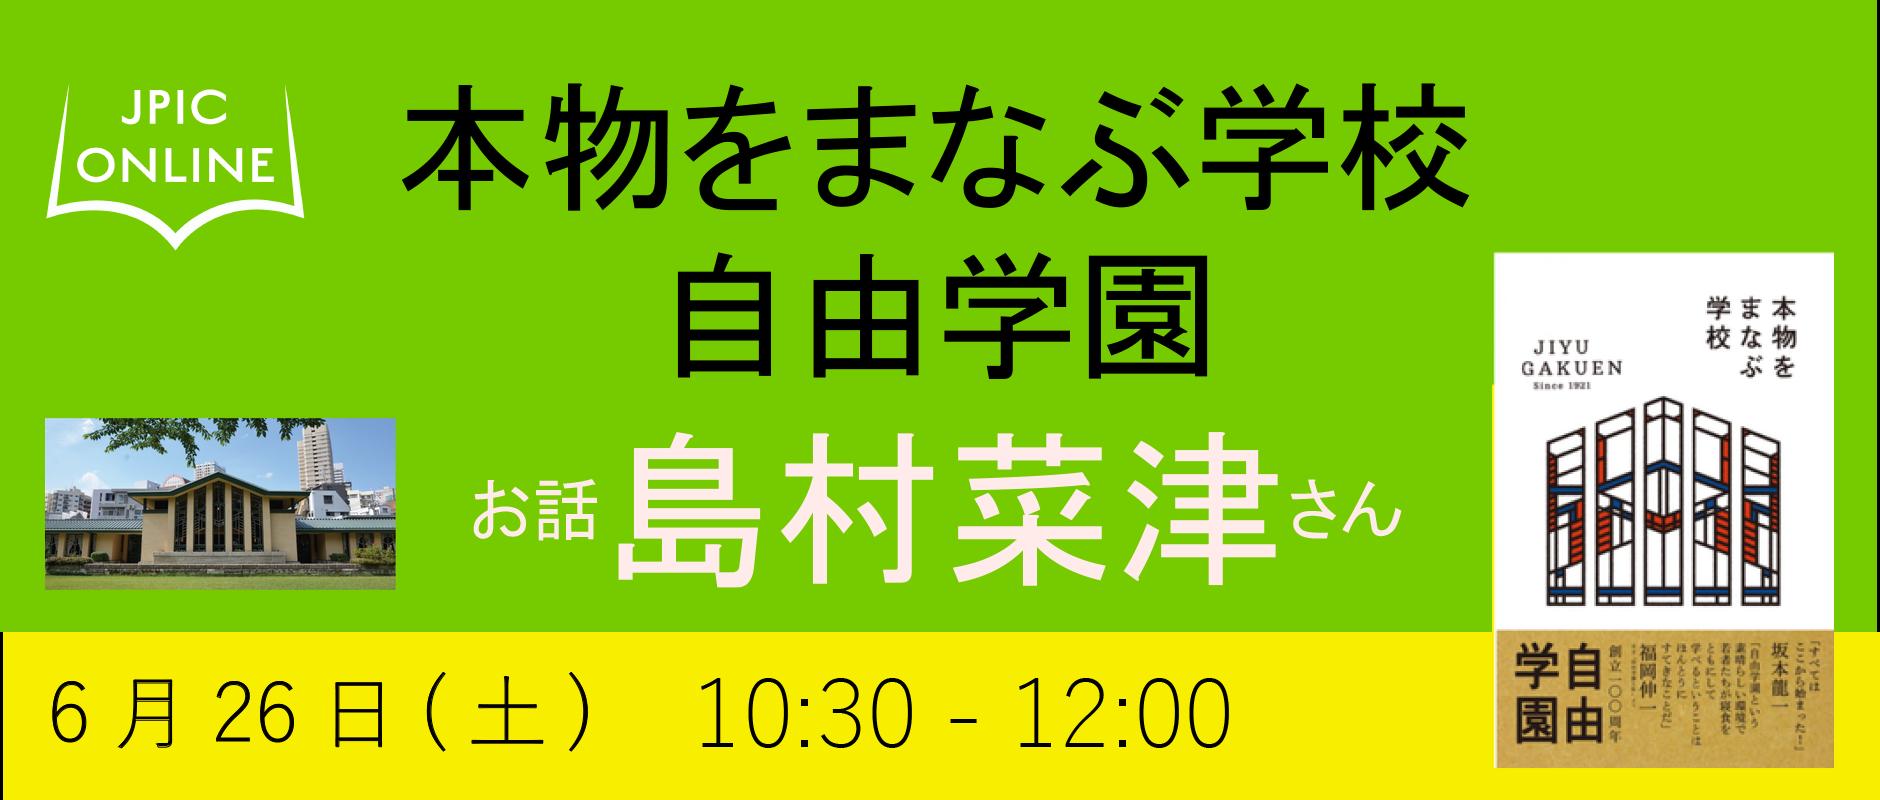 20210626島村さんカバー.png